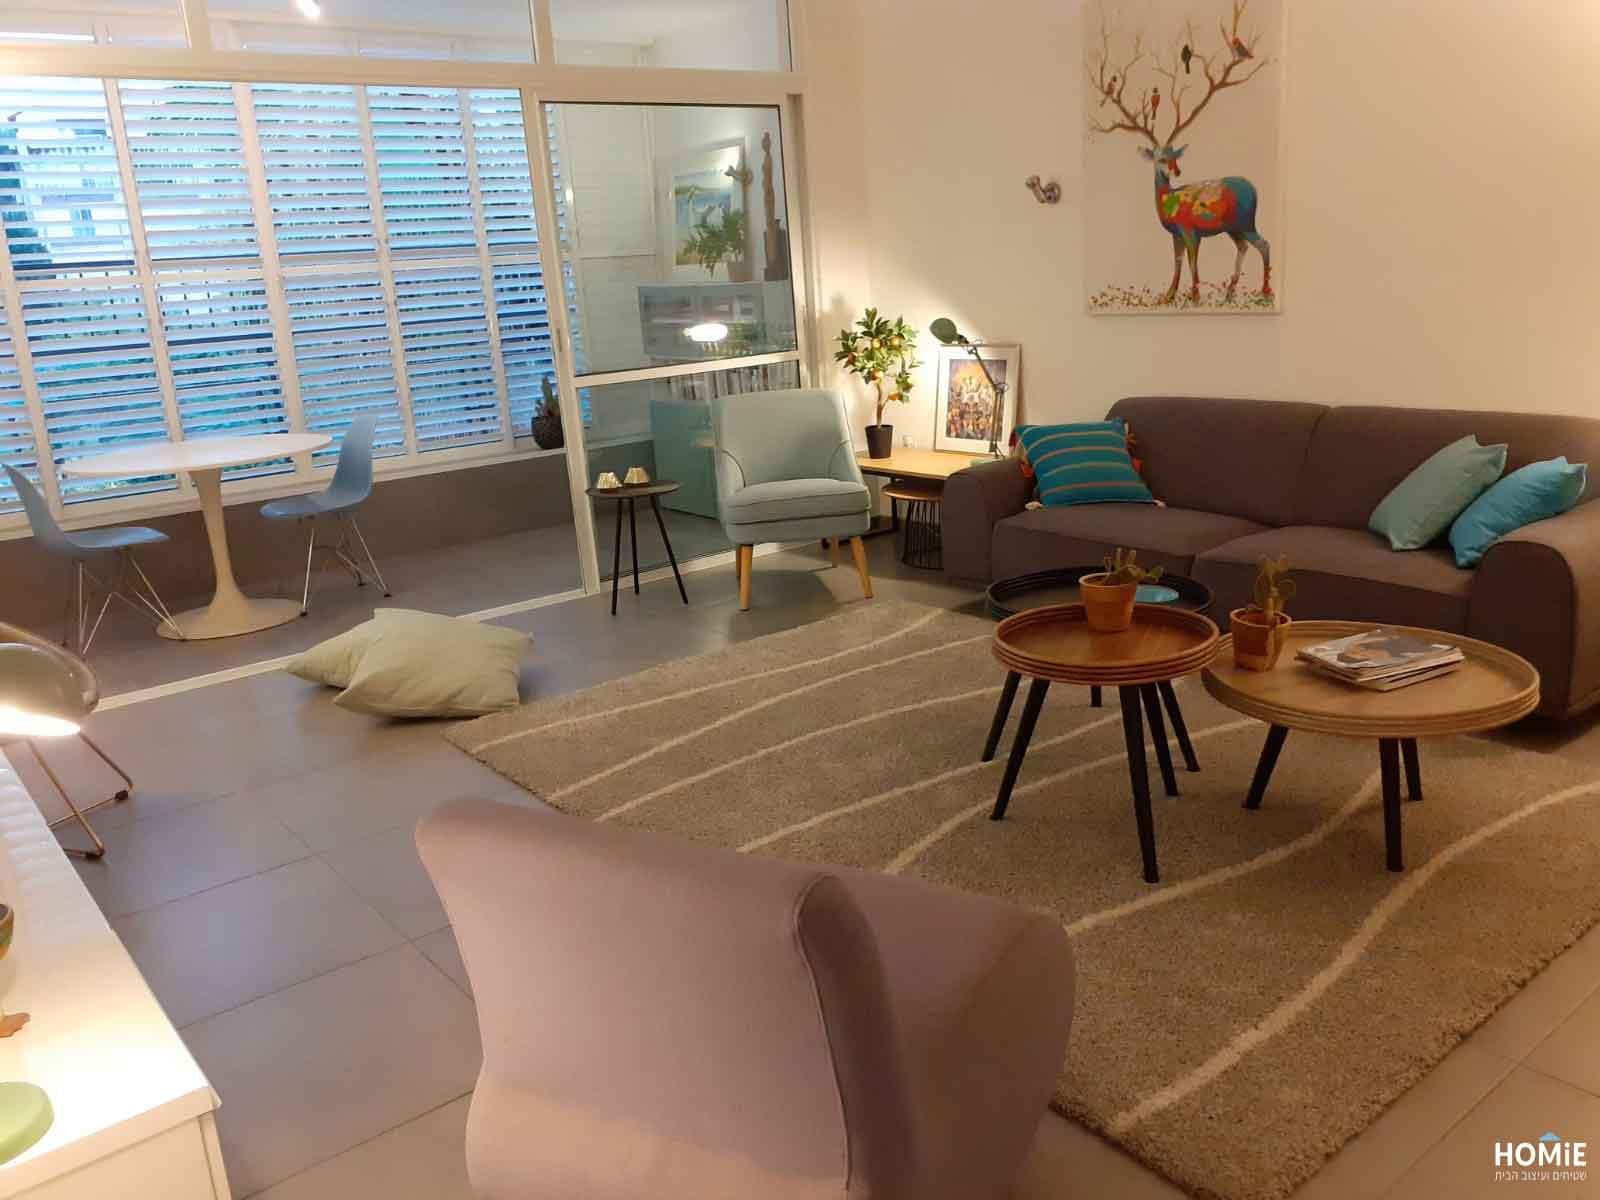 שטיח לסלון מודרני פסים א-סימטריים